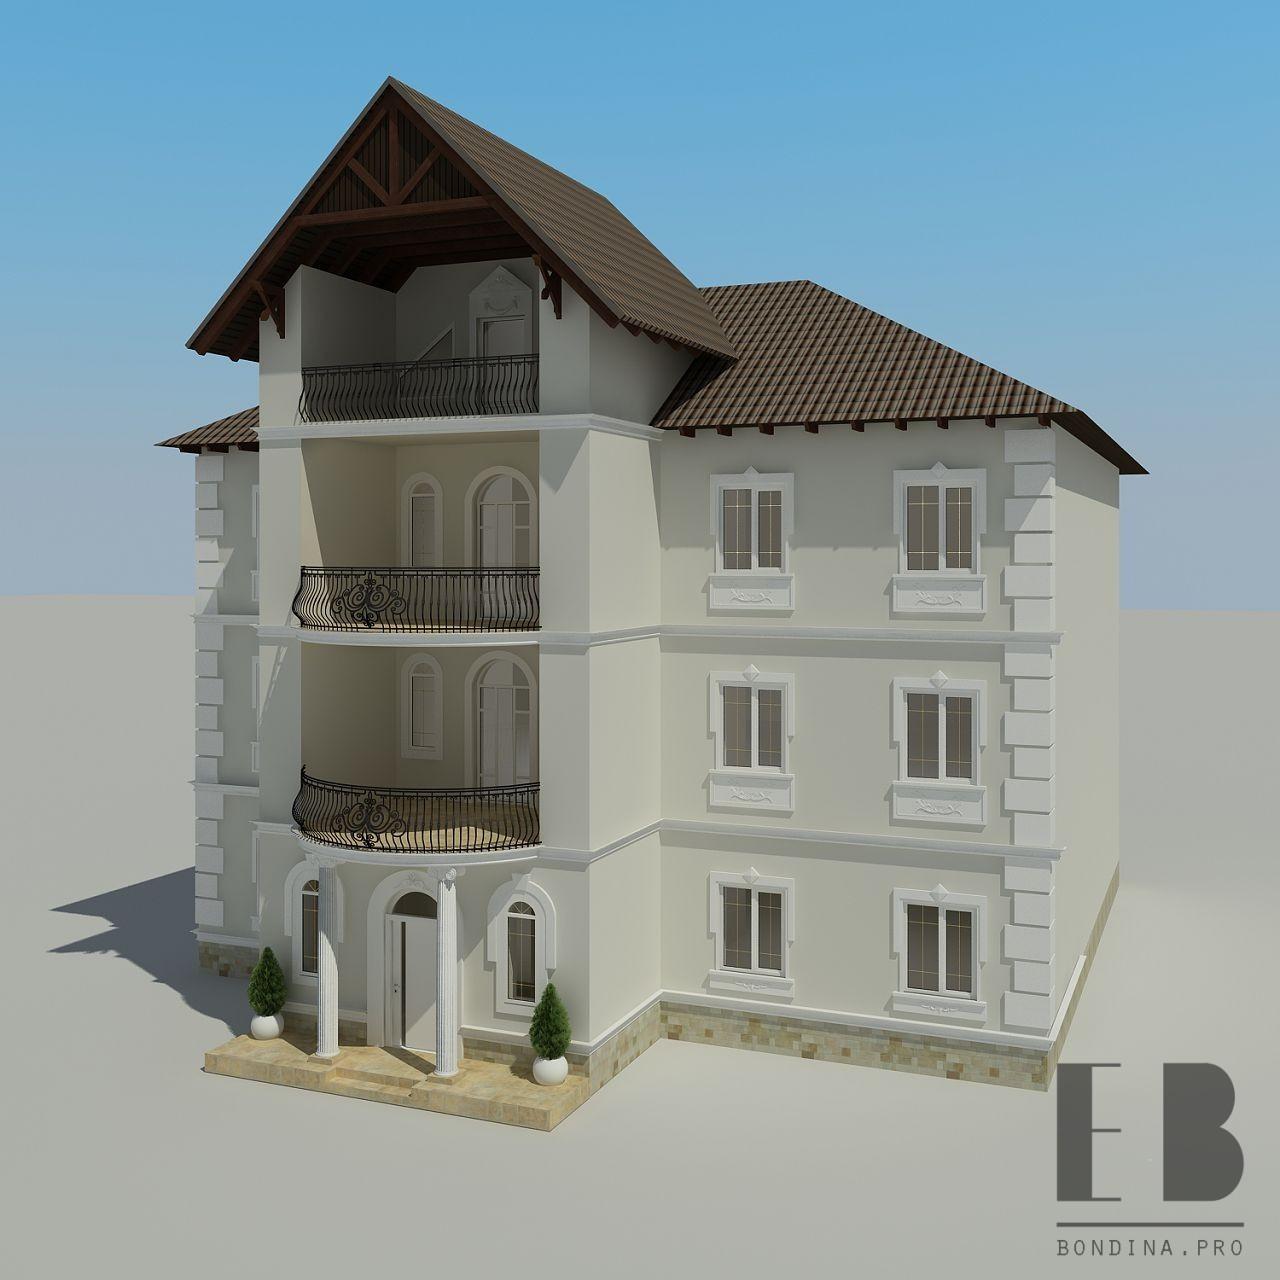 Facade reconstruction